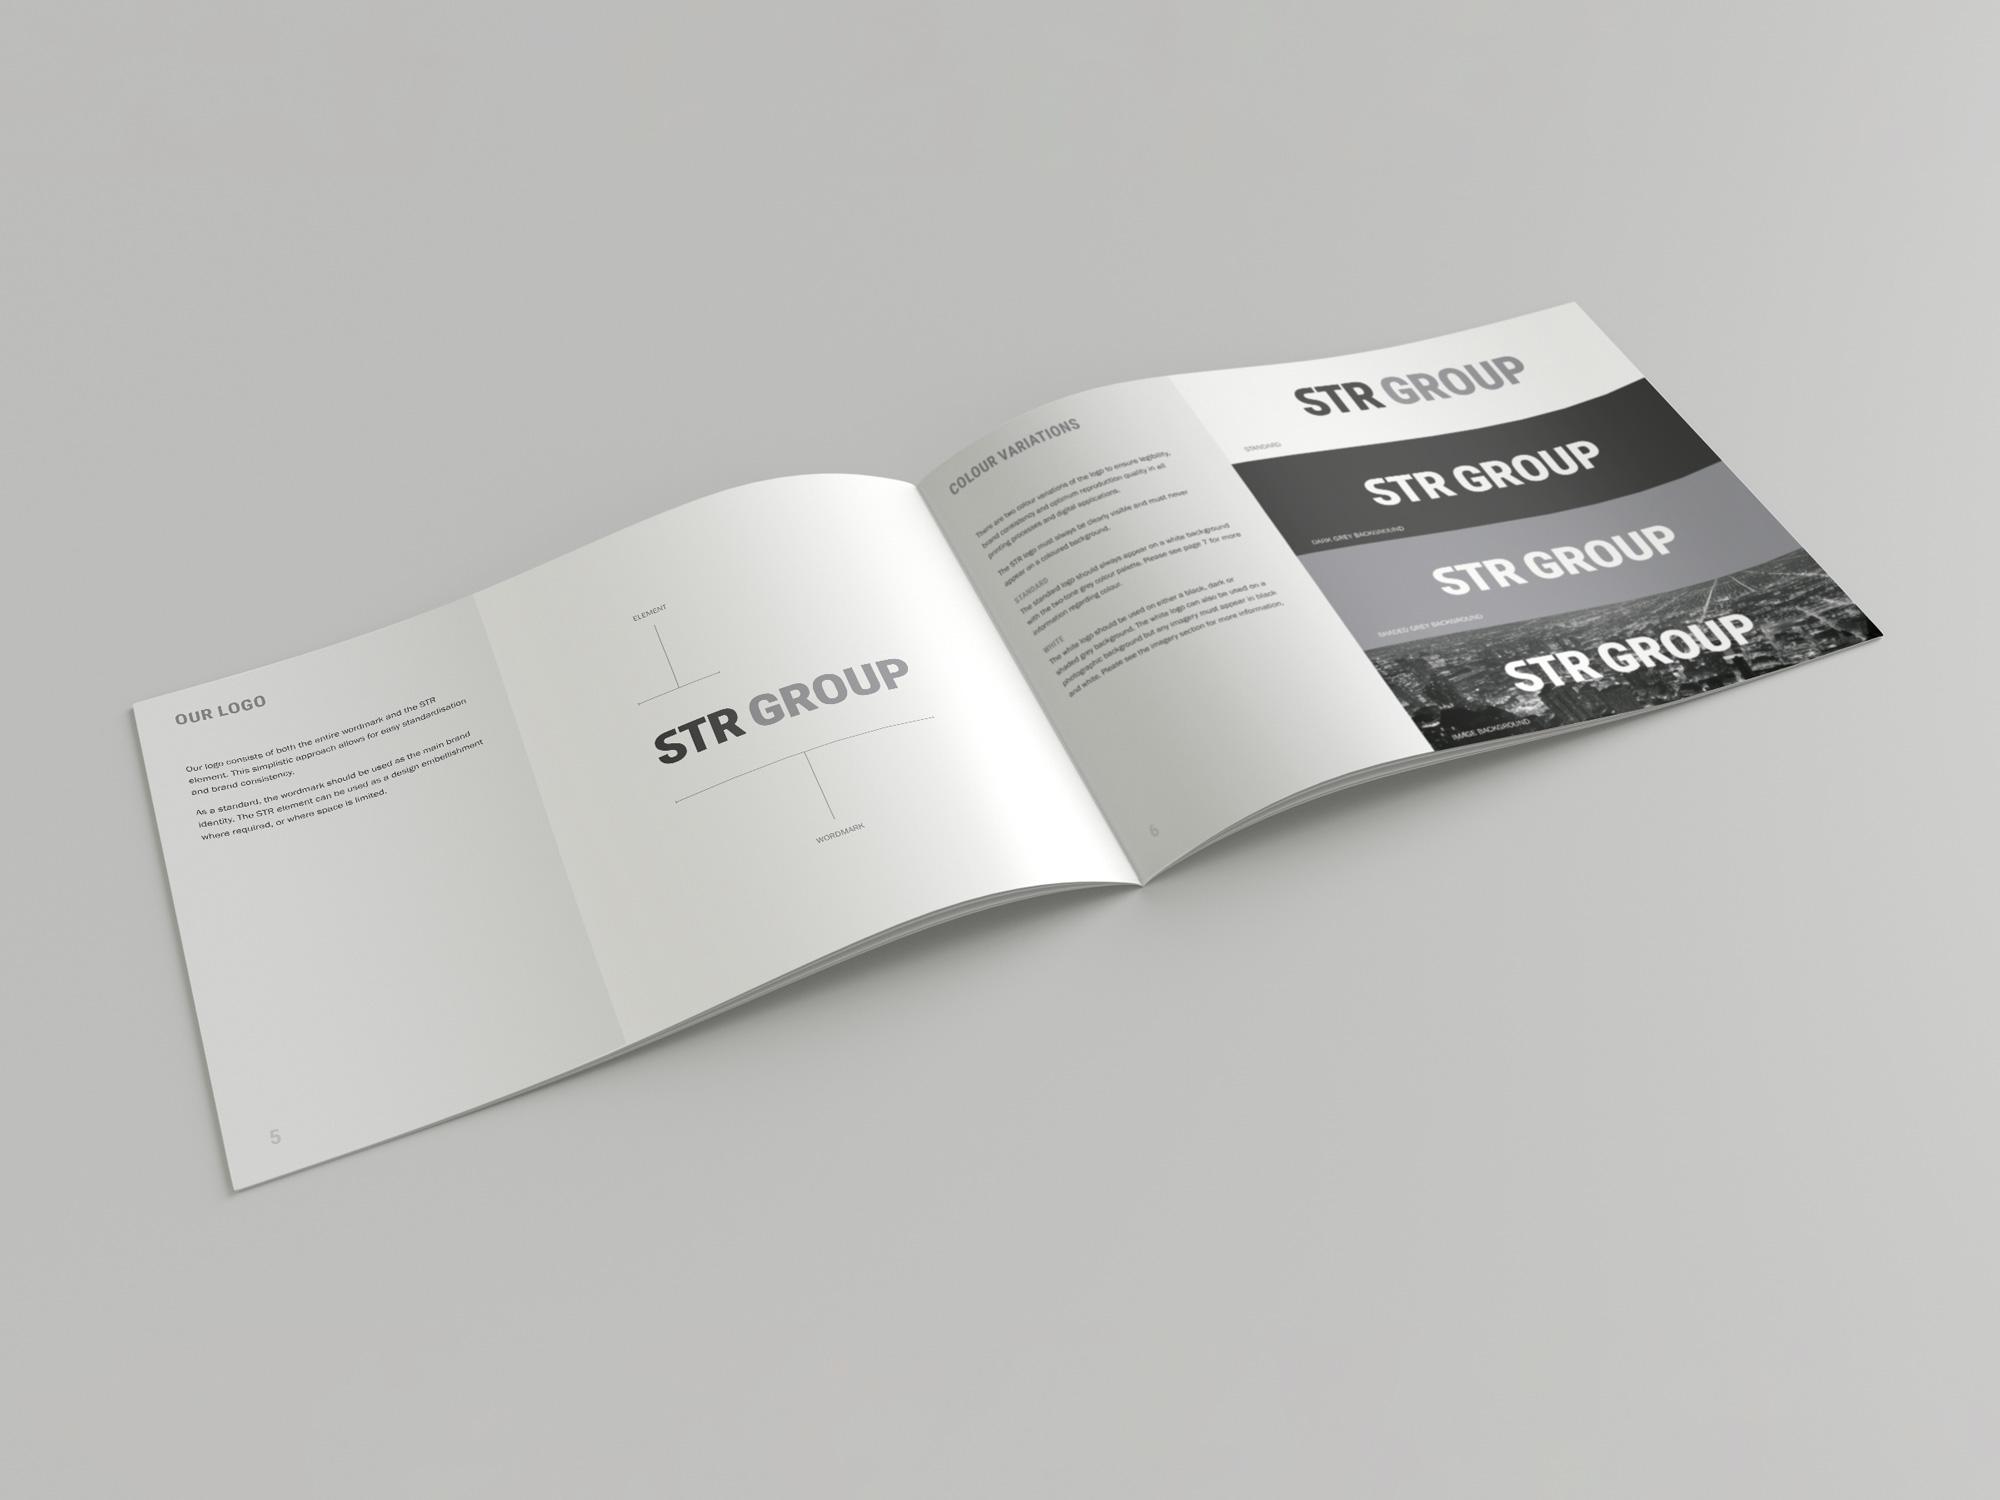 STR Group | Recruitment | Branding | Brand Guideslines | Logo Design